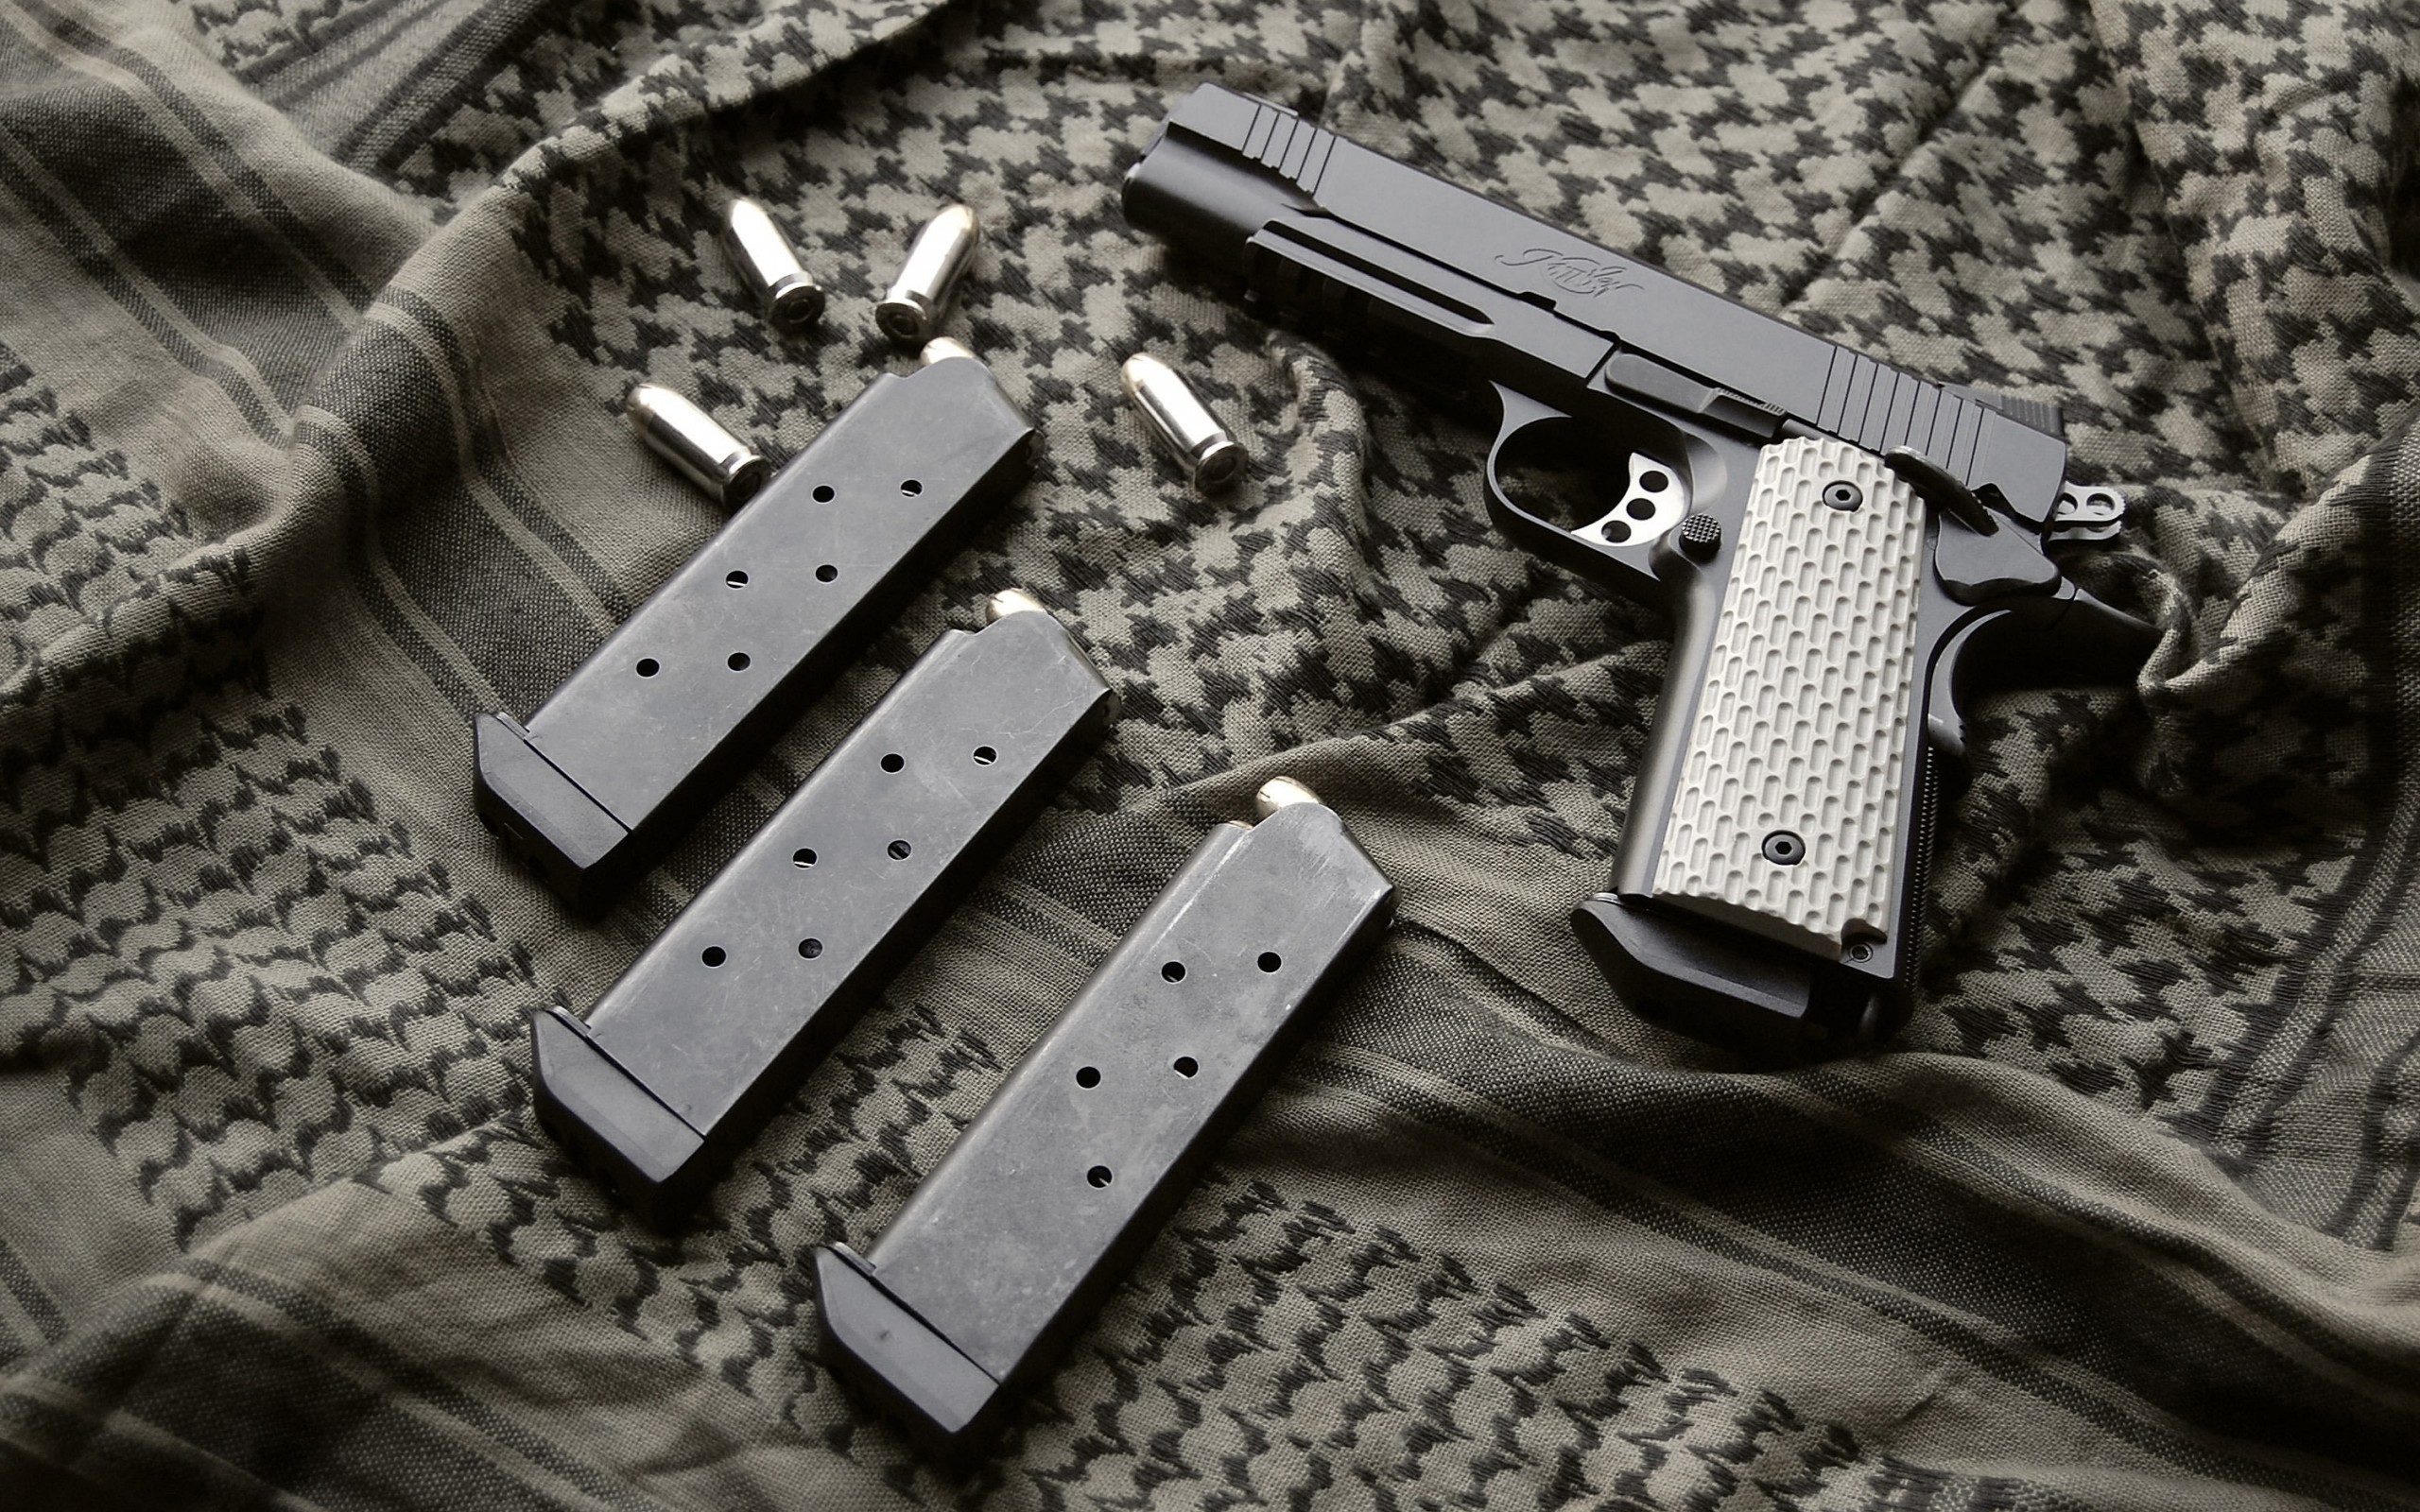 пистолет, ствол, патроны